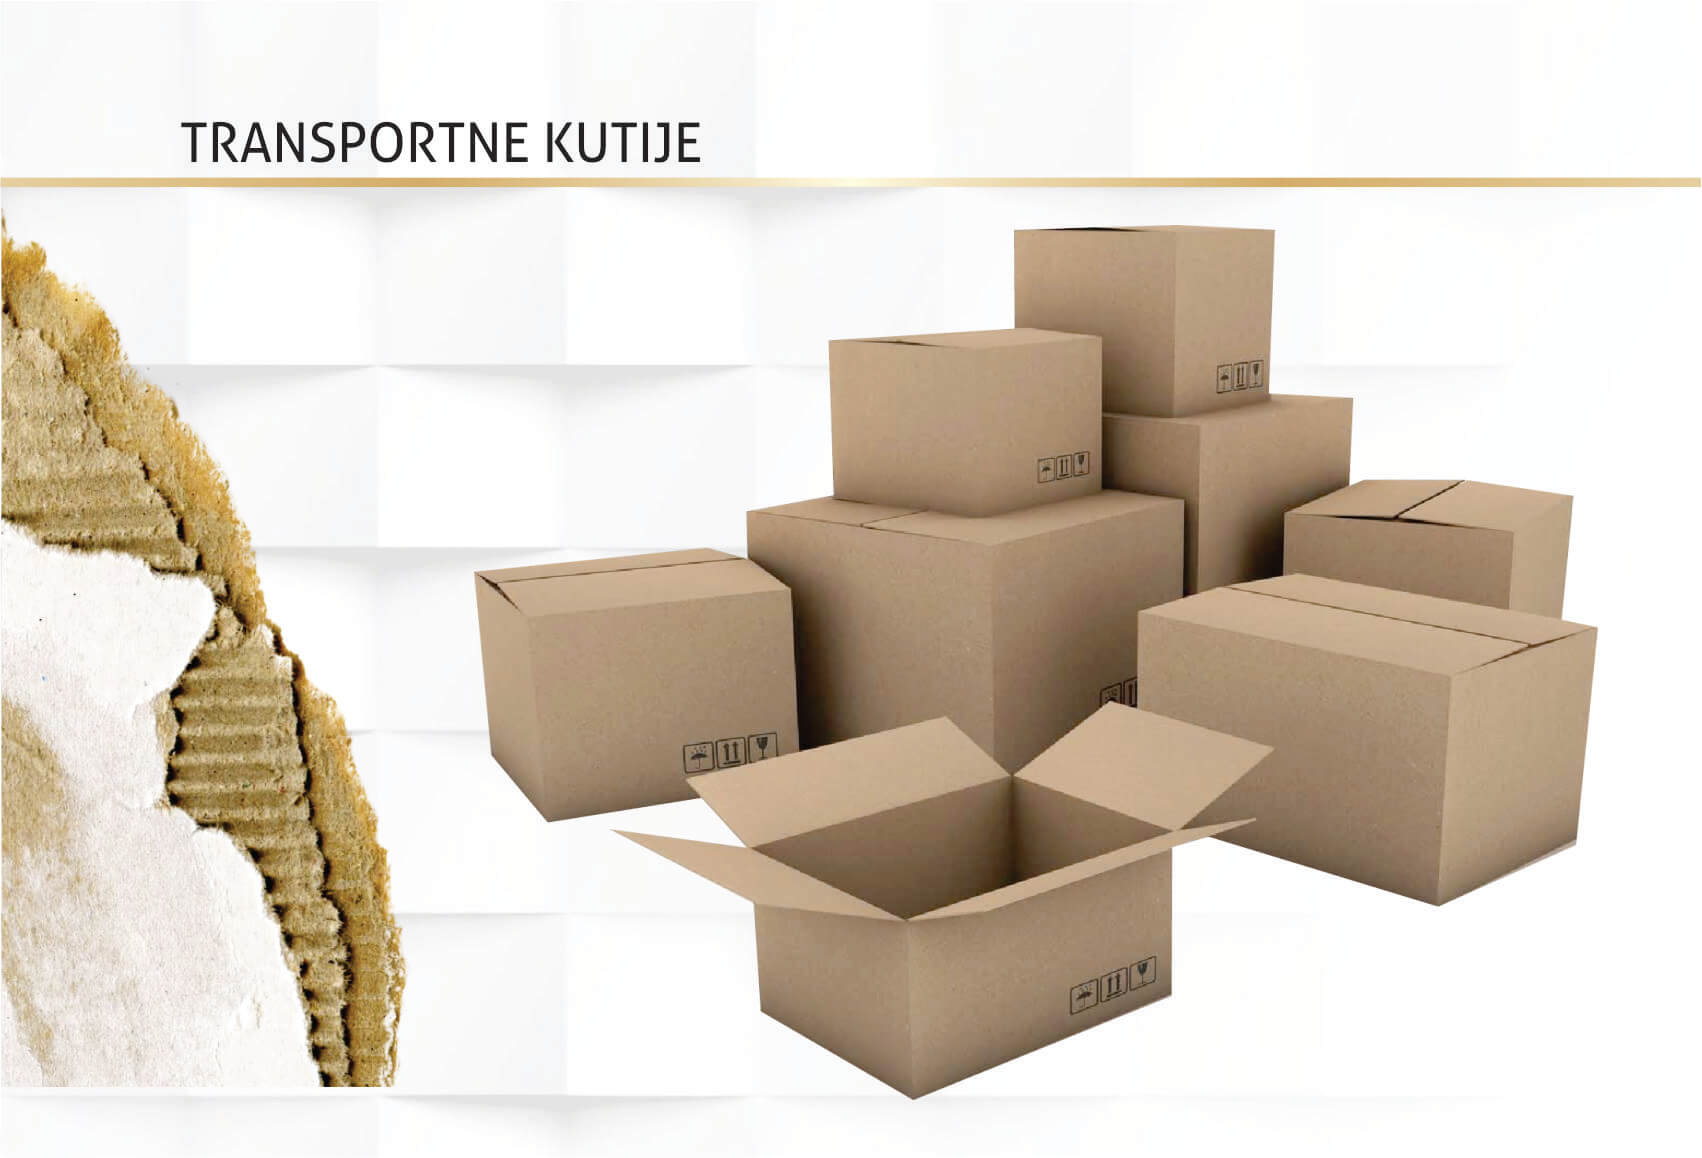 Transportne kutije